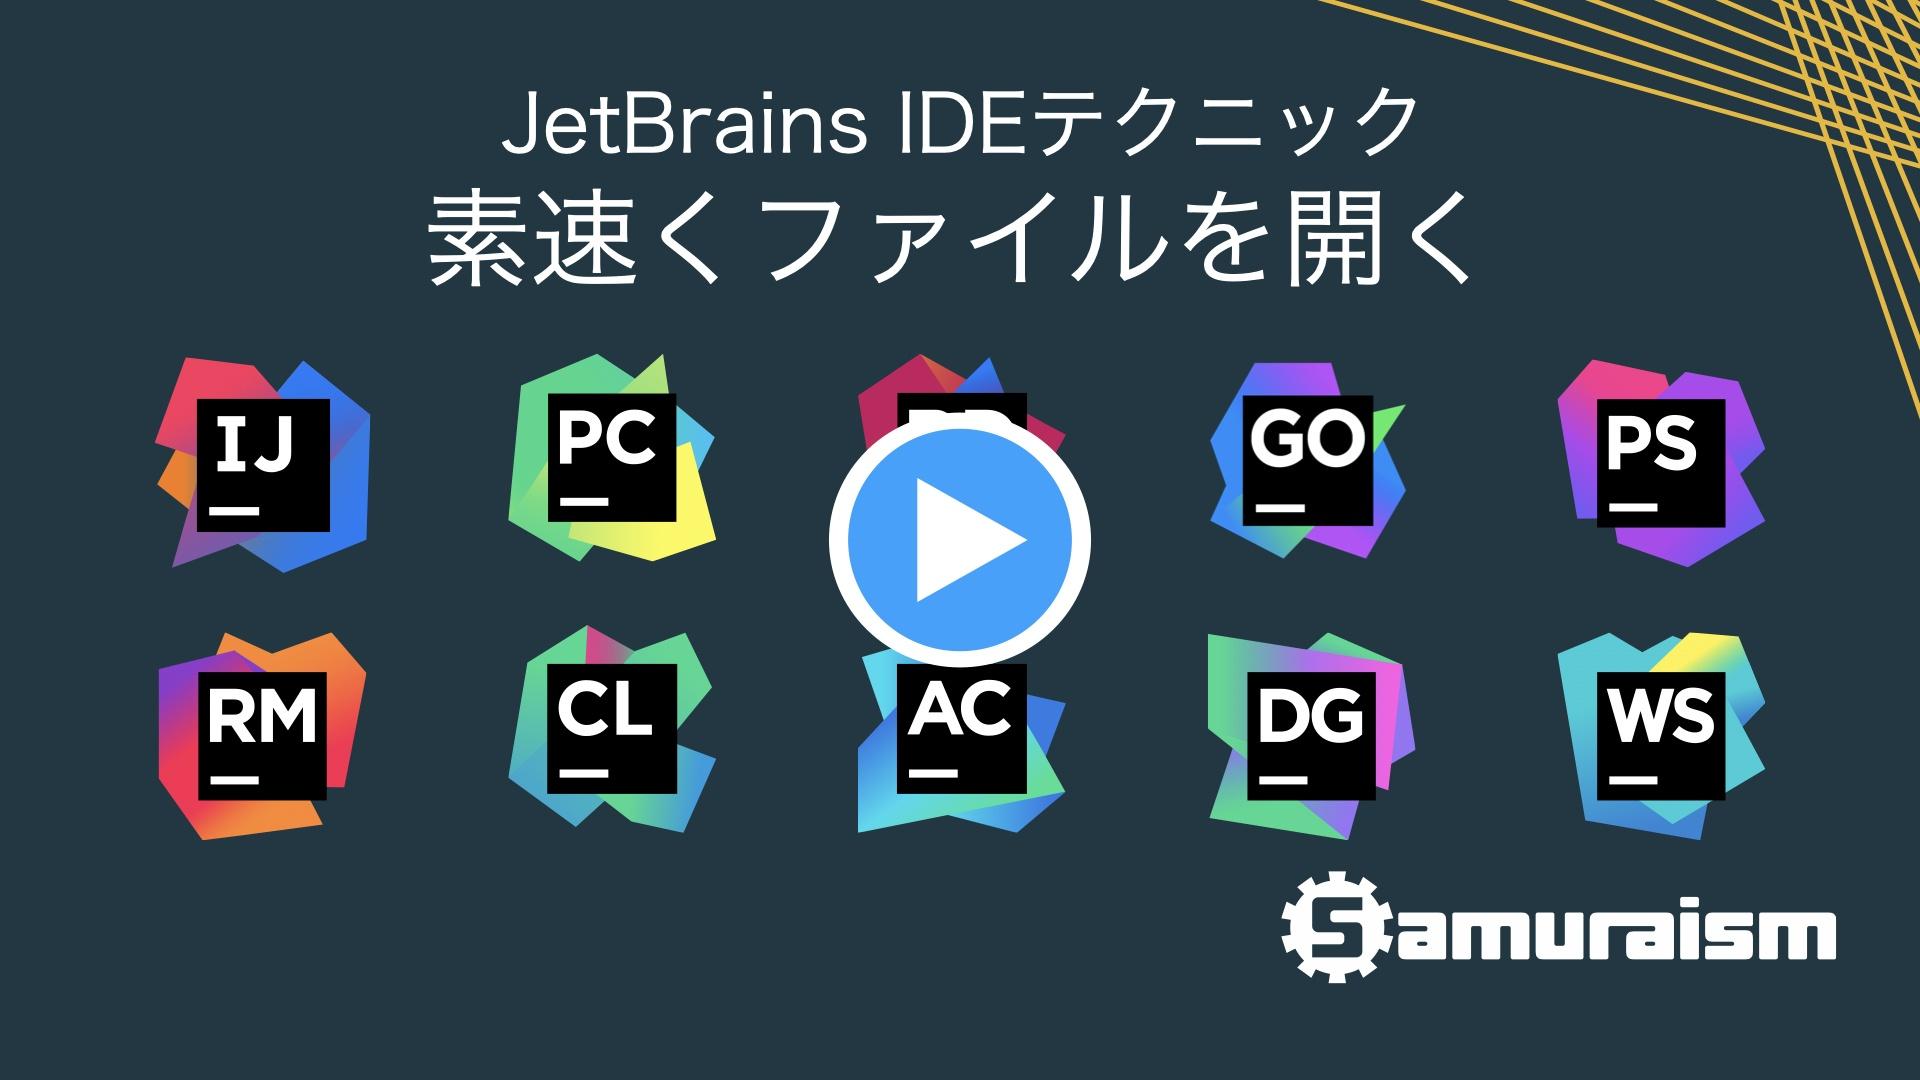 #JetBrainsIDEテクニック – 素速くファイルを開く